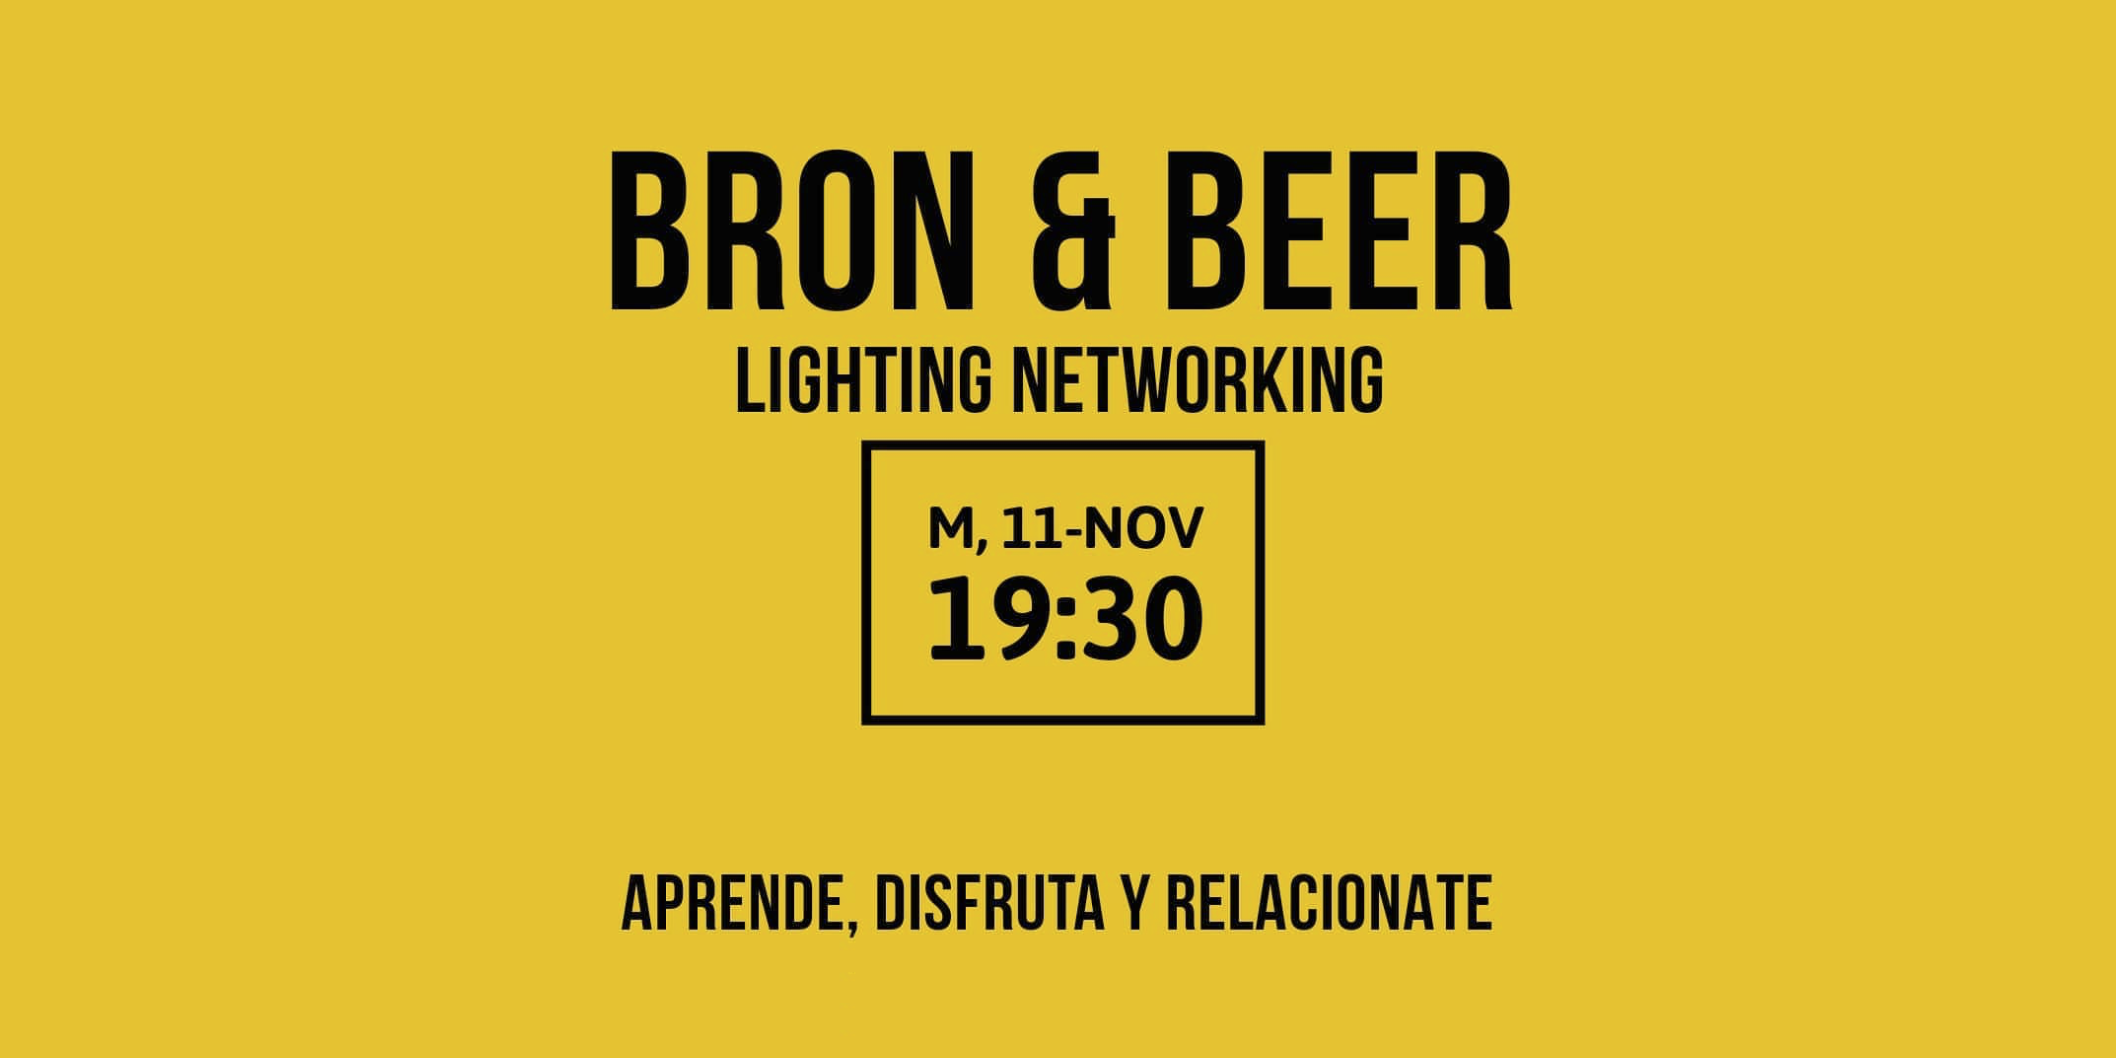 Bron & Beer 2018